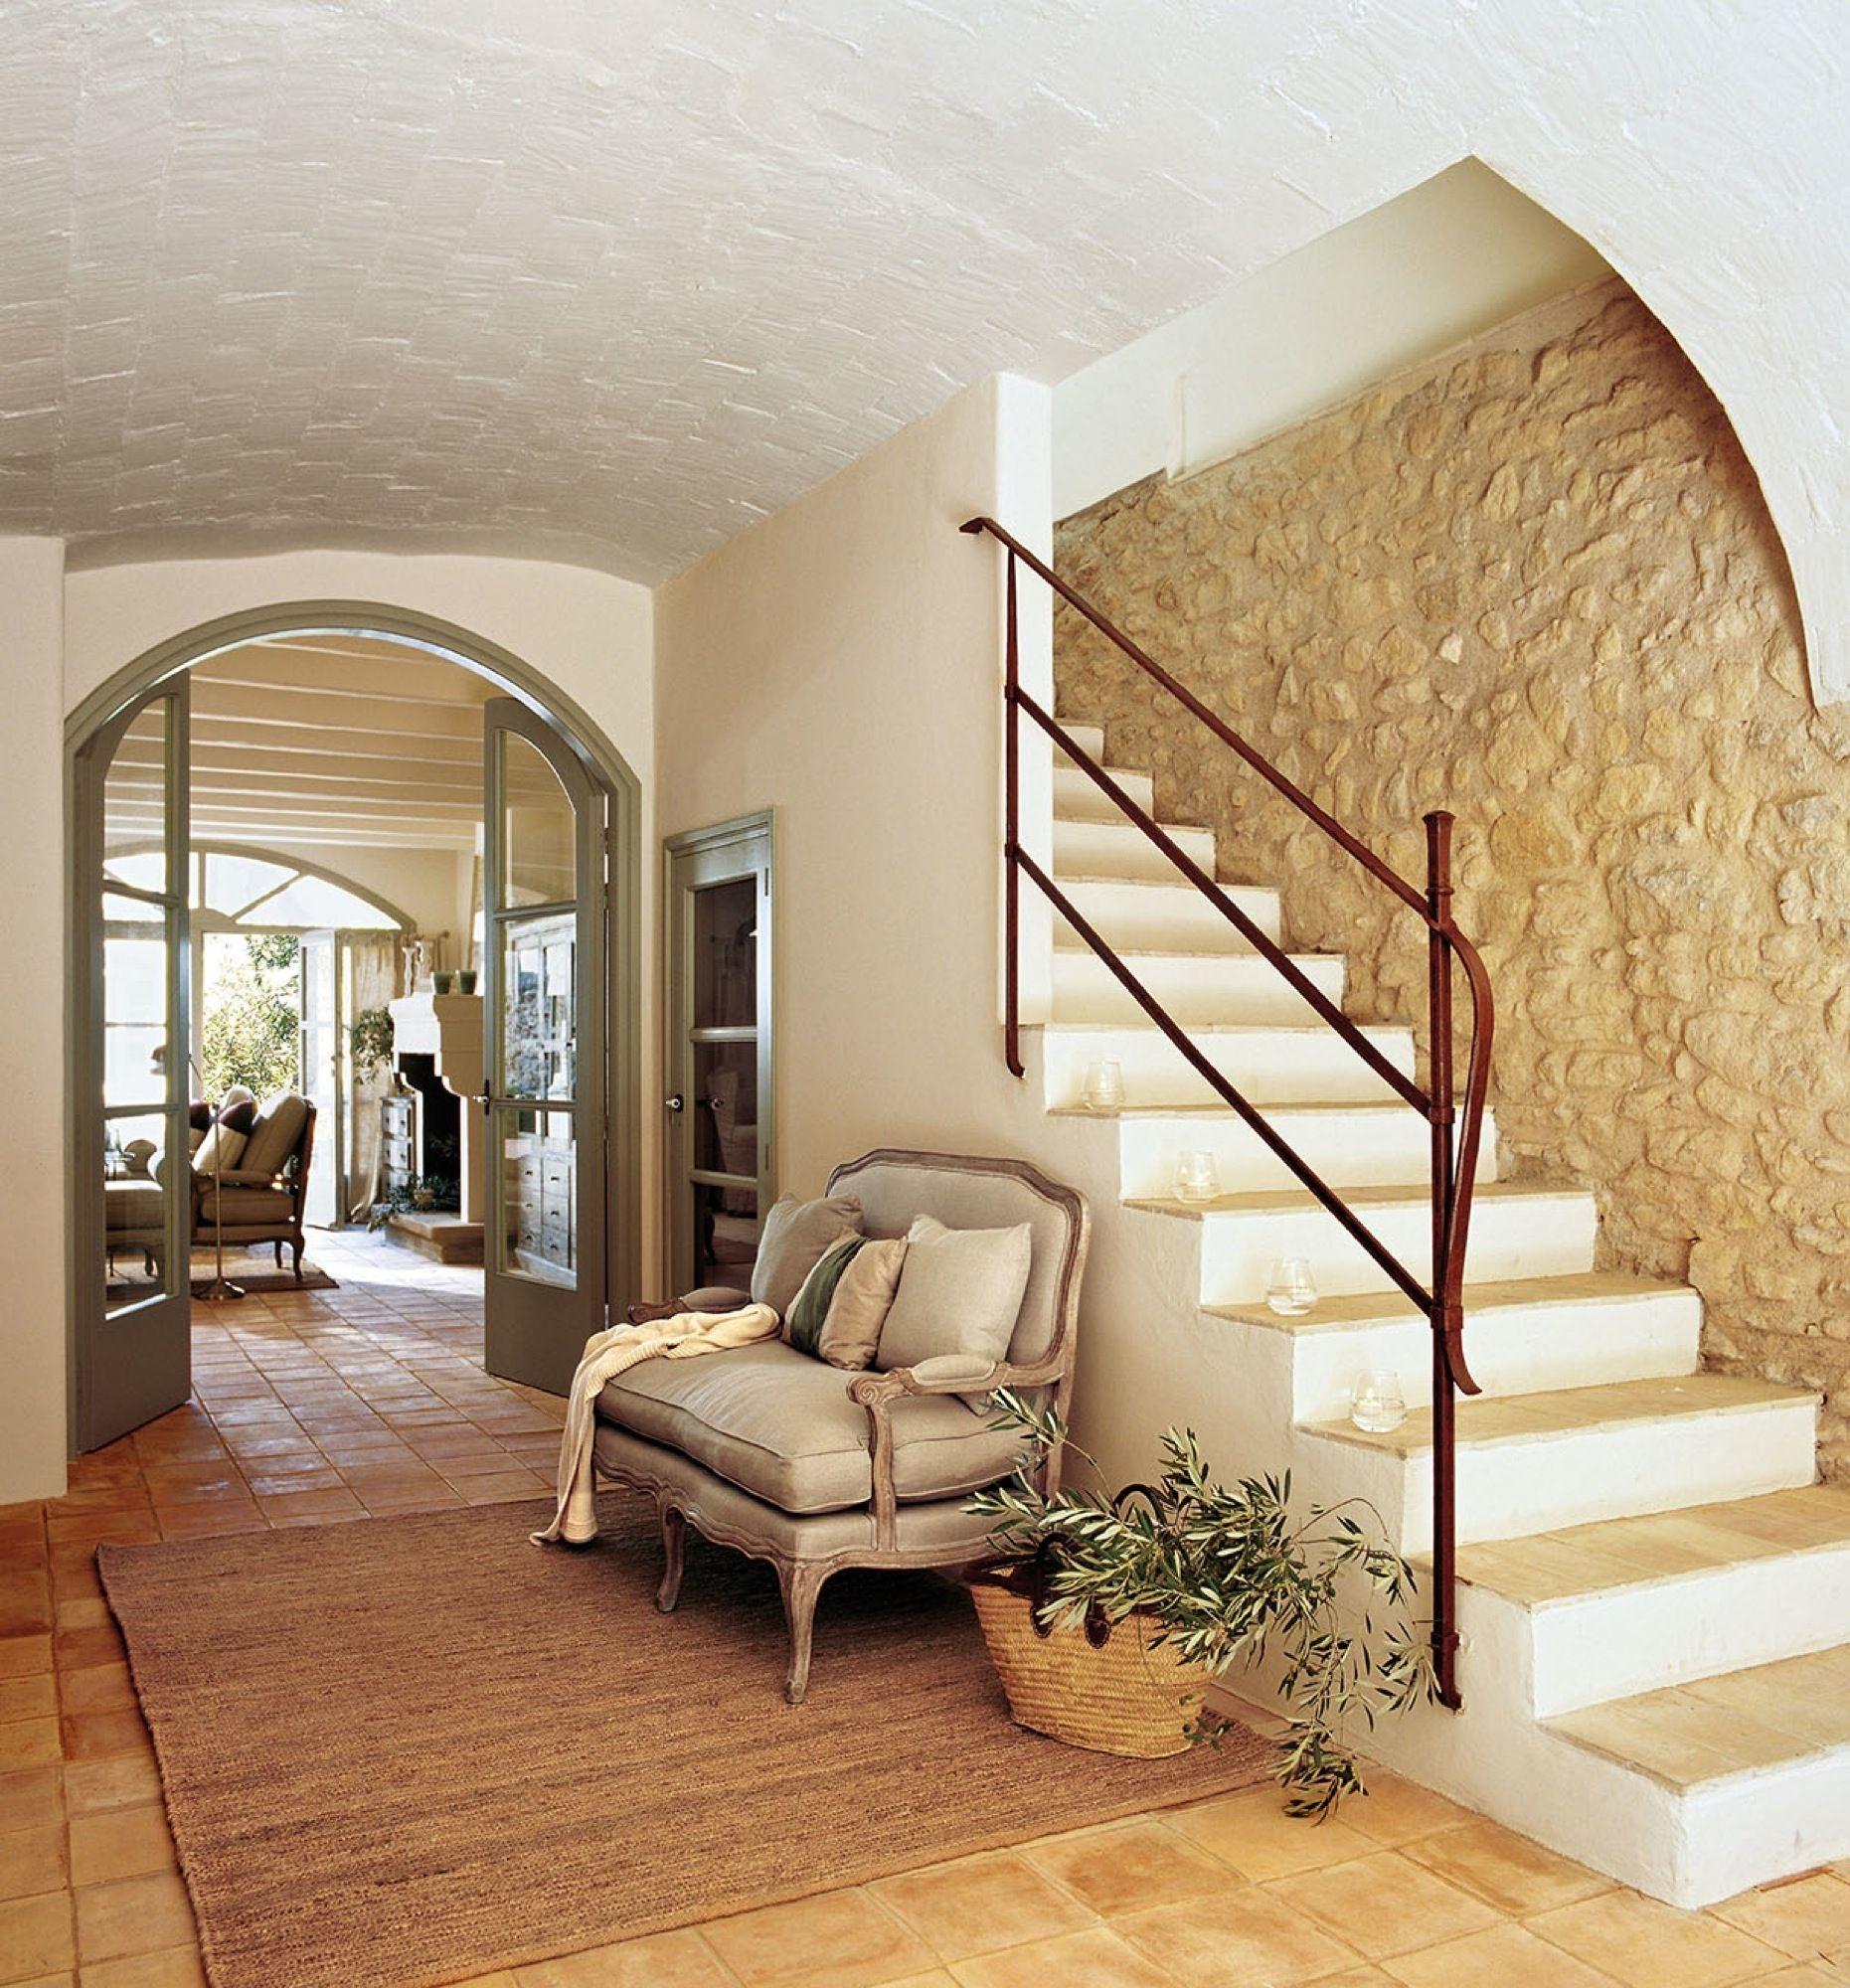 Recibidor abovedado recibidor r stico y escalera for Escalera madera decoracion